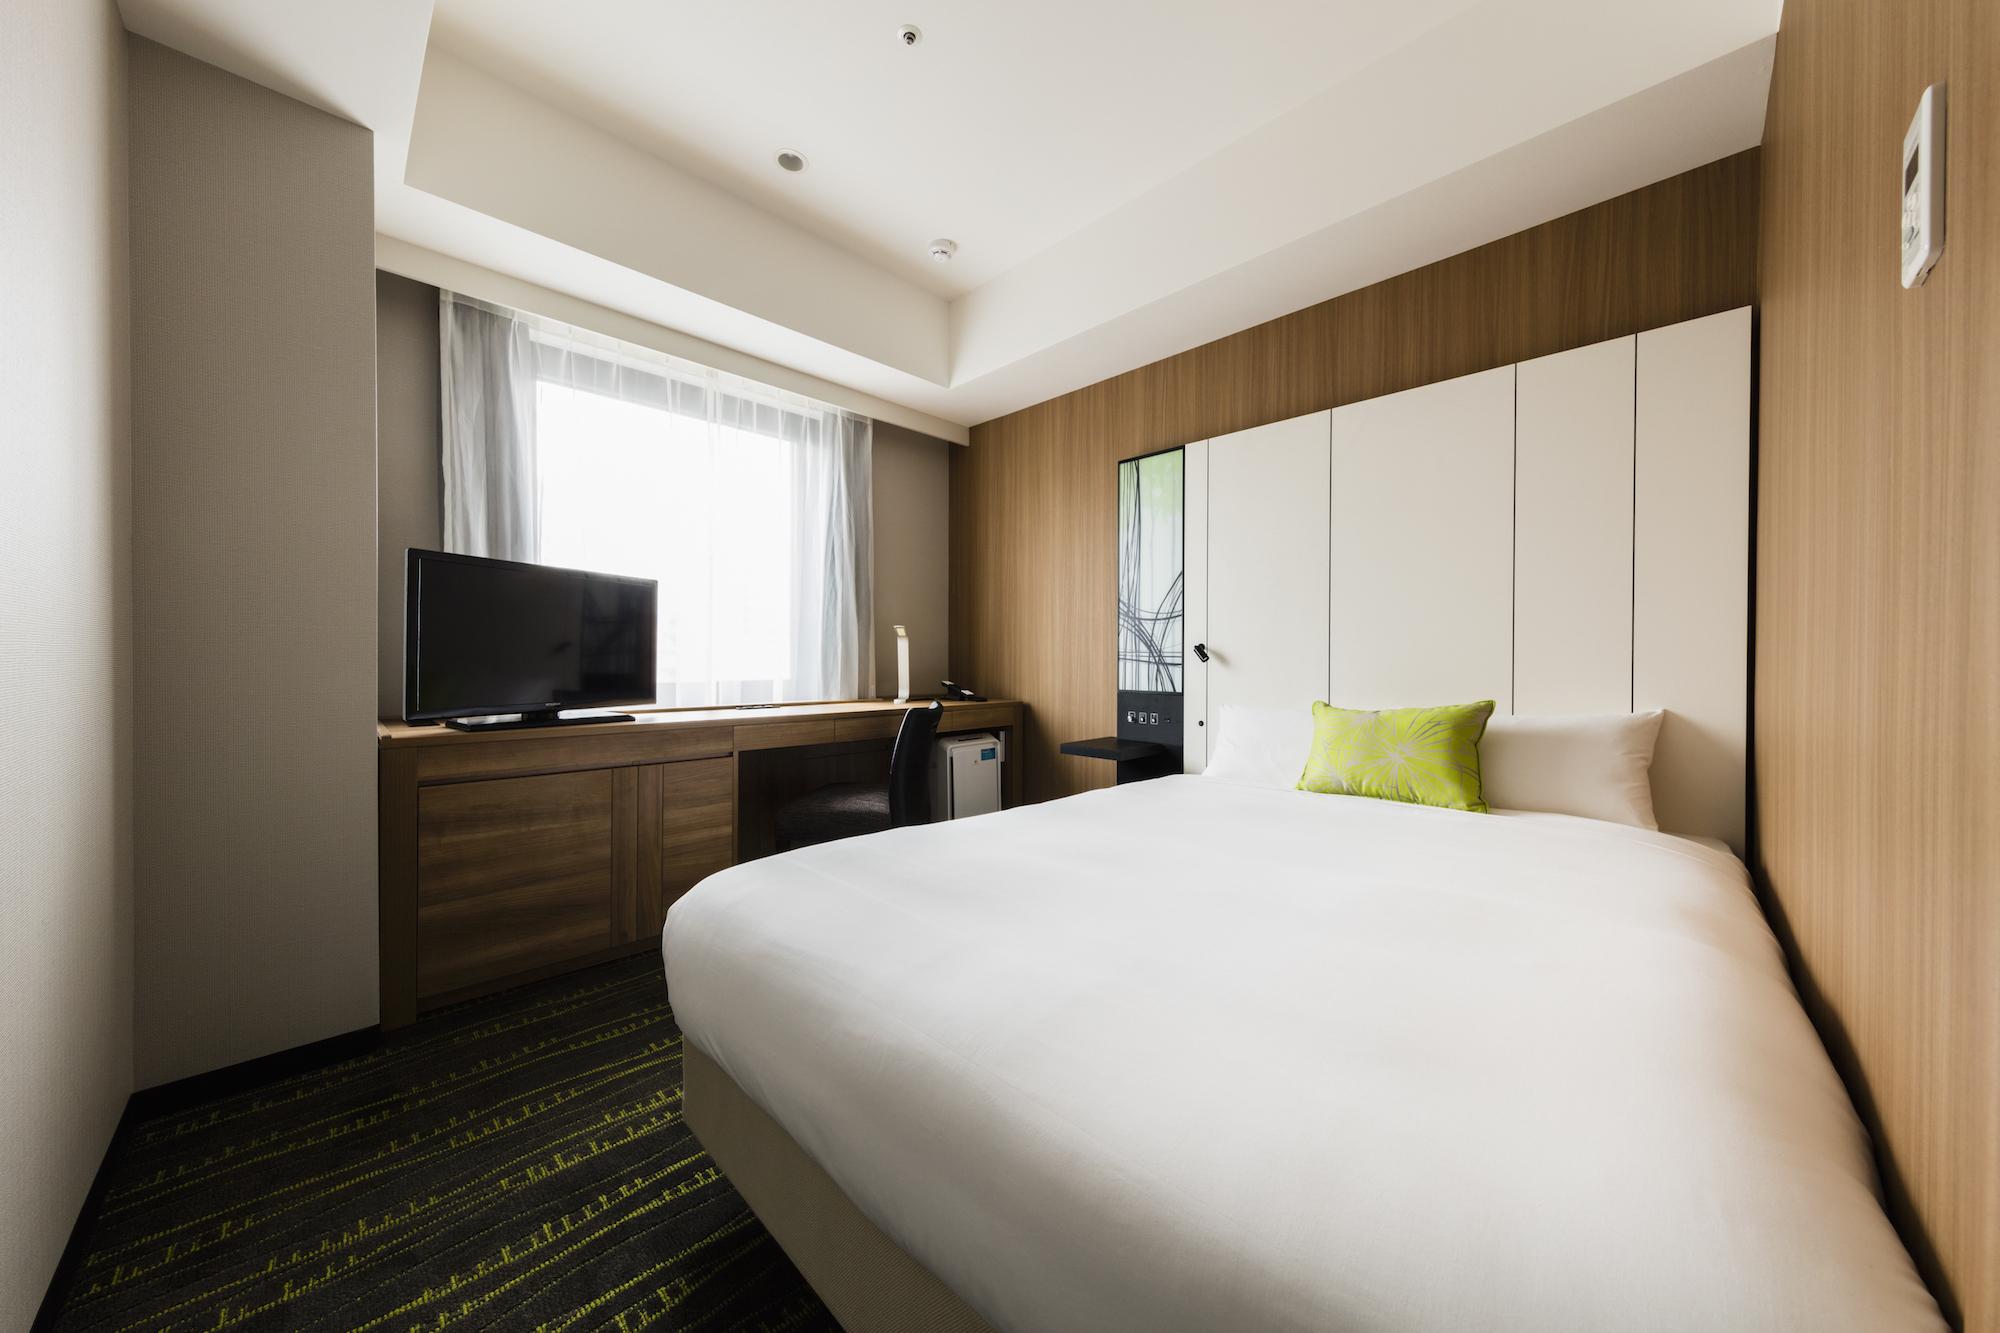 通勤時間短縮に、ホテル暮らしはじめませんか。好立地・アクセス重視のホテルまとめ